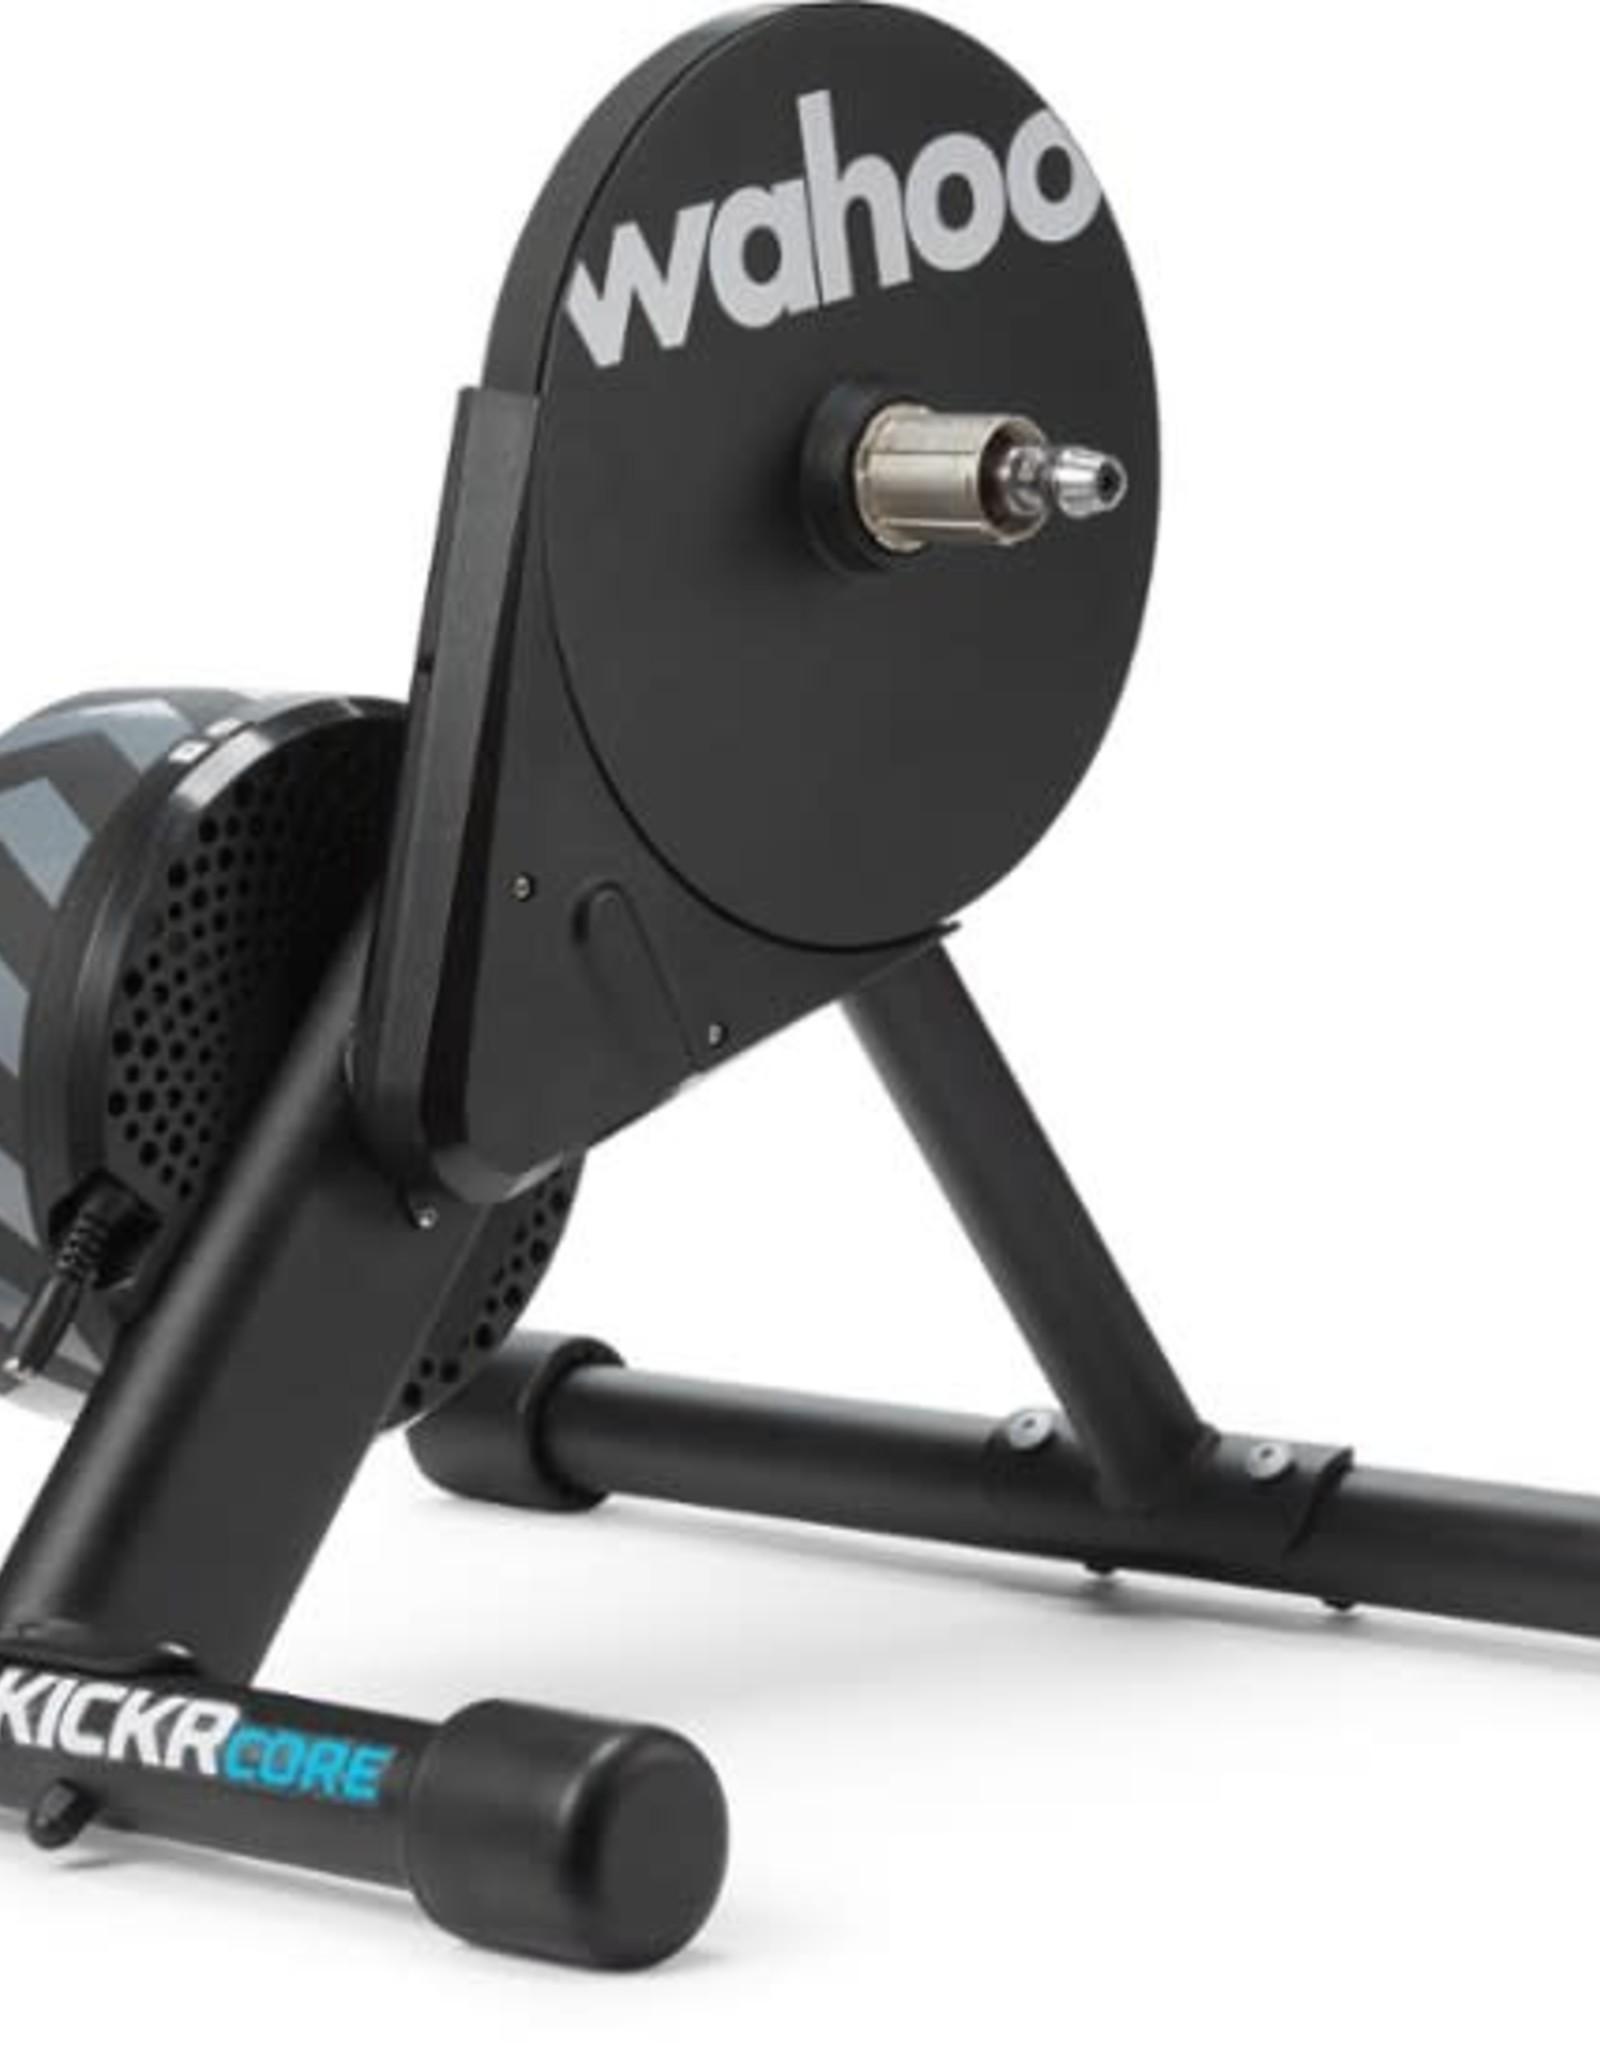 WAHOO Wahoo KICKR CORE Direct-Drive Smart Trainer